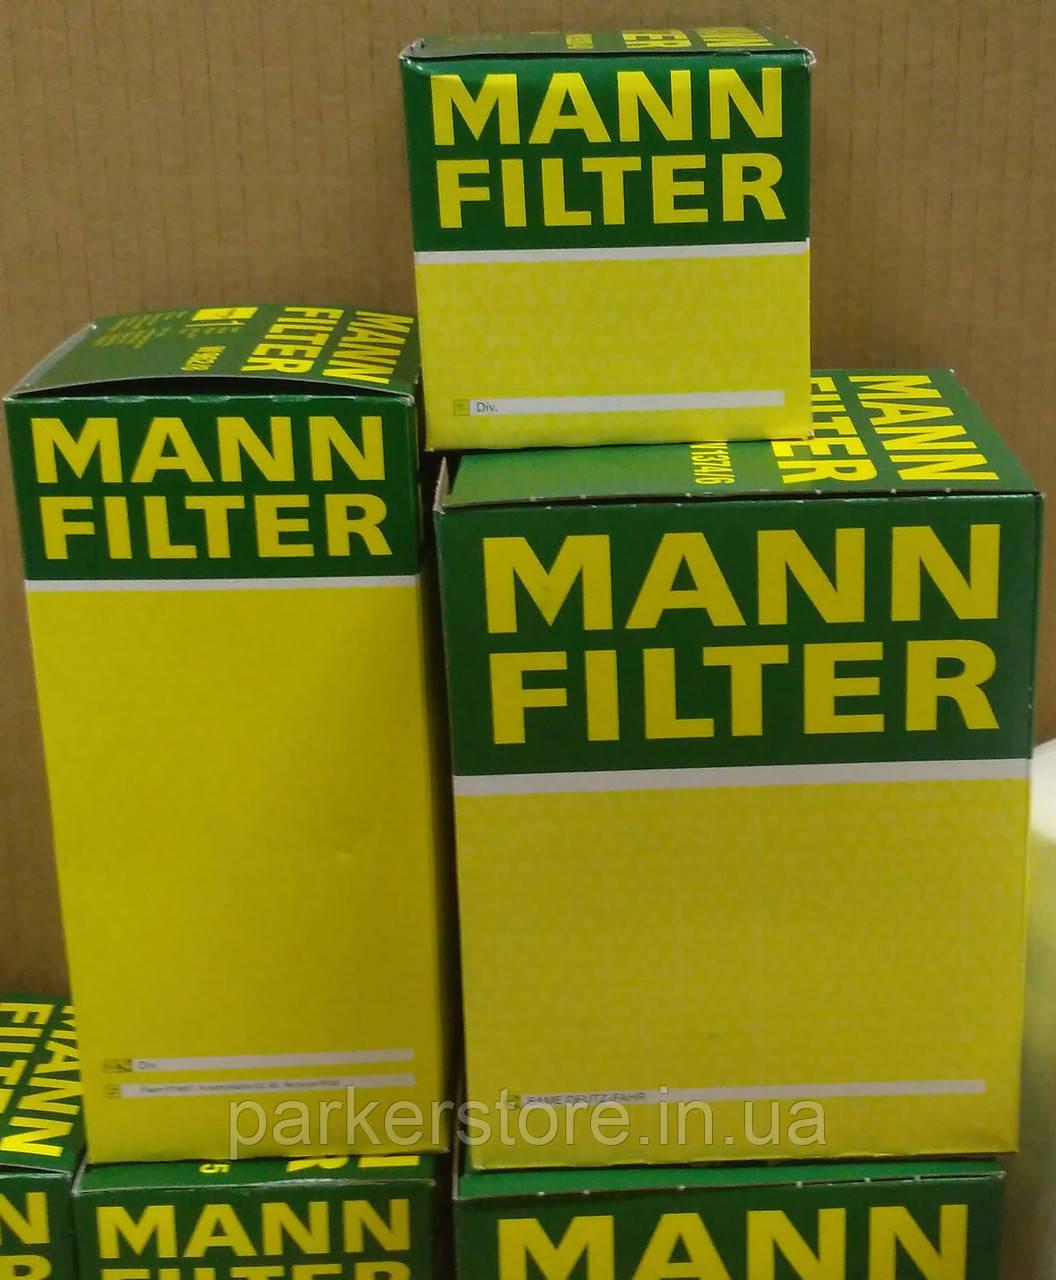 MANN FILTER / Повітряний фільтр / C 24 011 / C24011